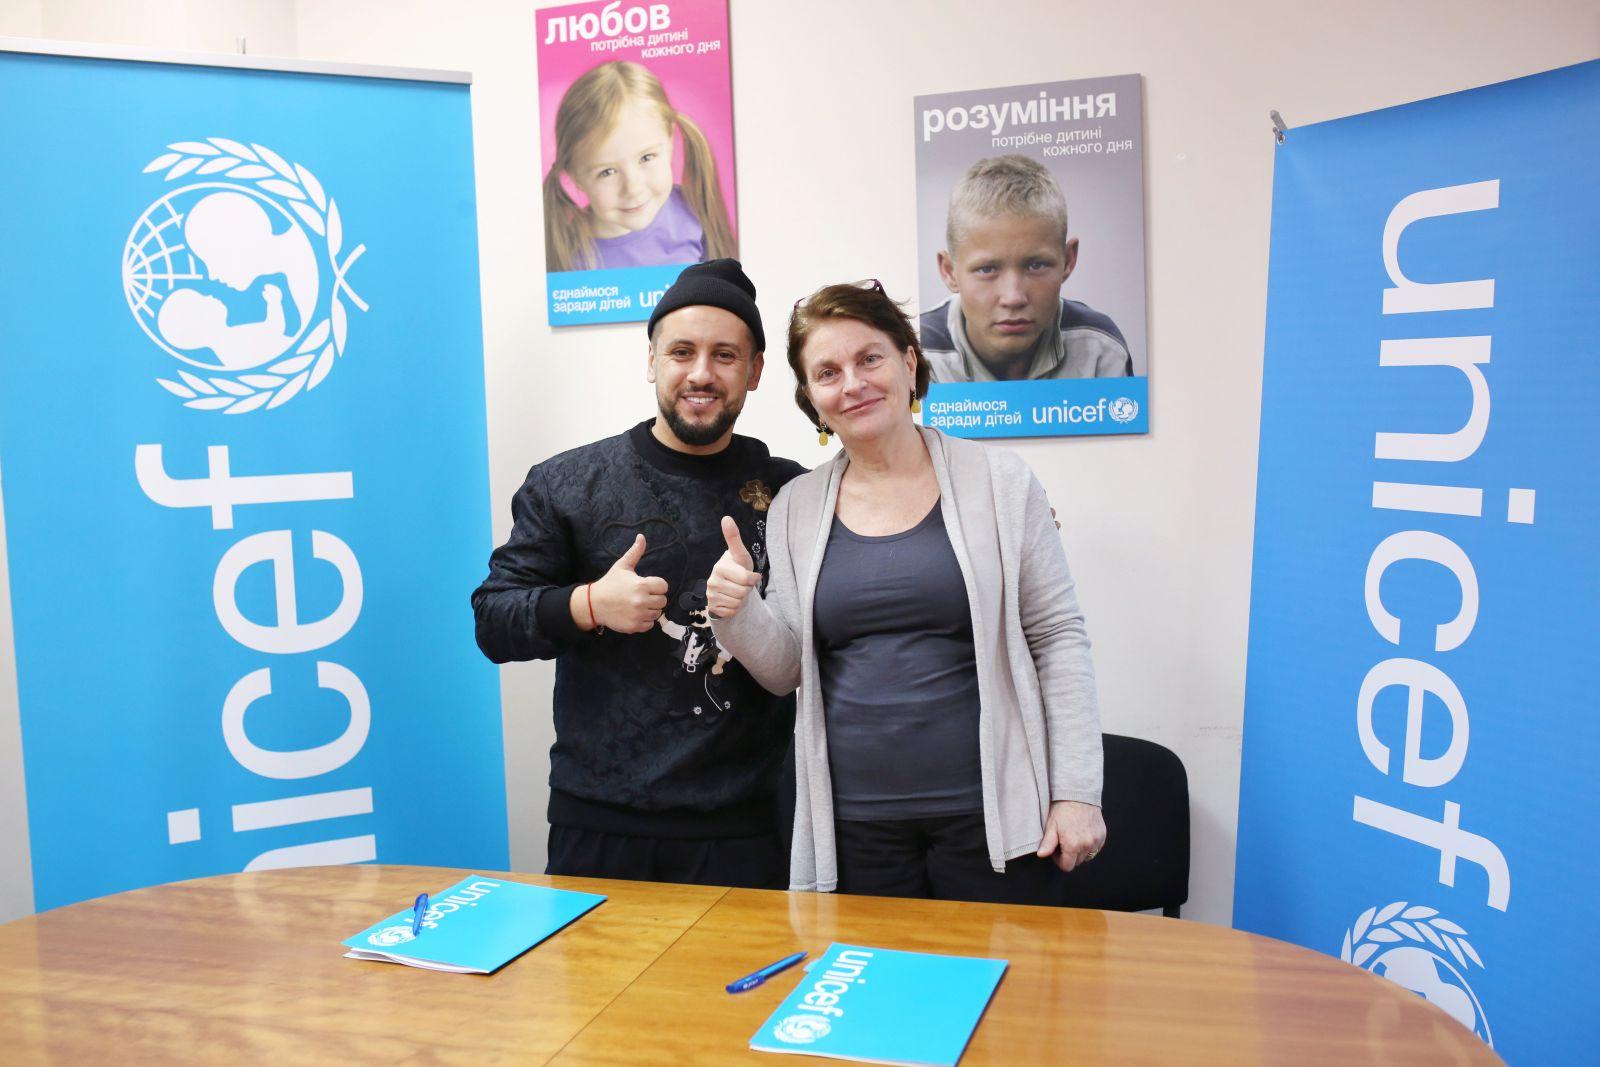 Берем пример: Monatik присоединился к фонду ООН и мотивирует молодежь проходить тест на ВИЧ